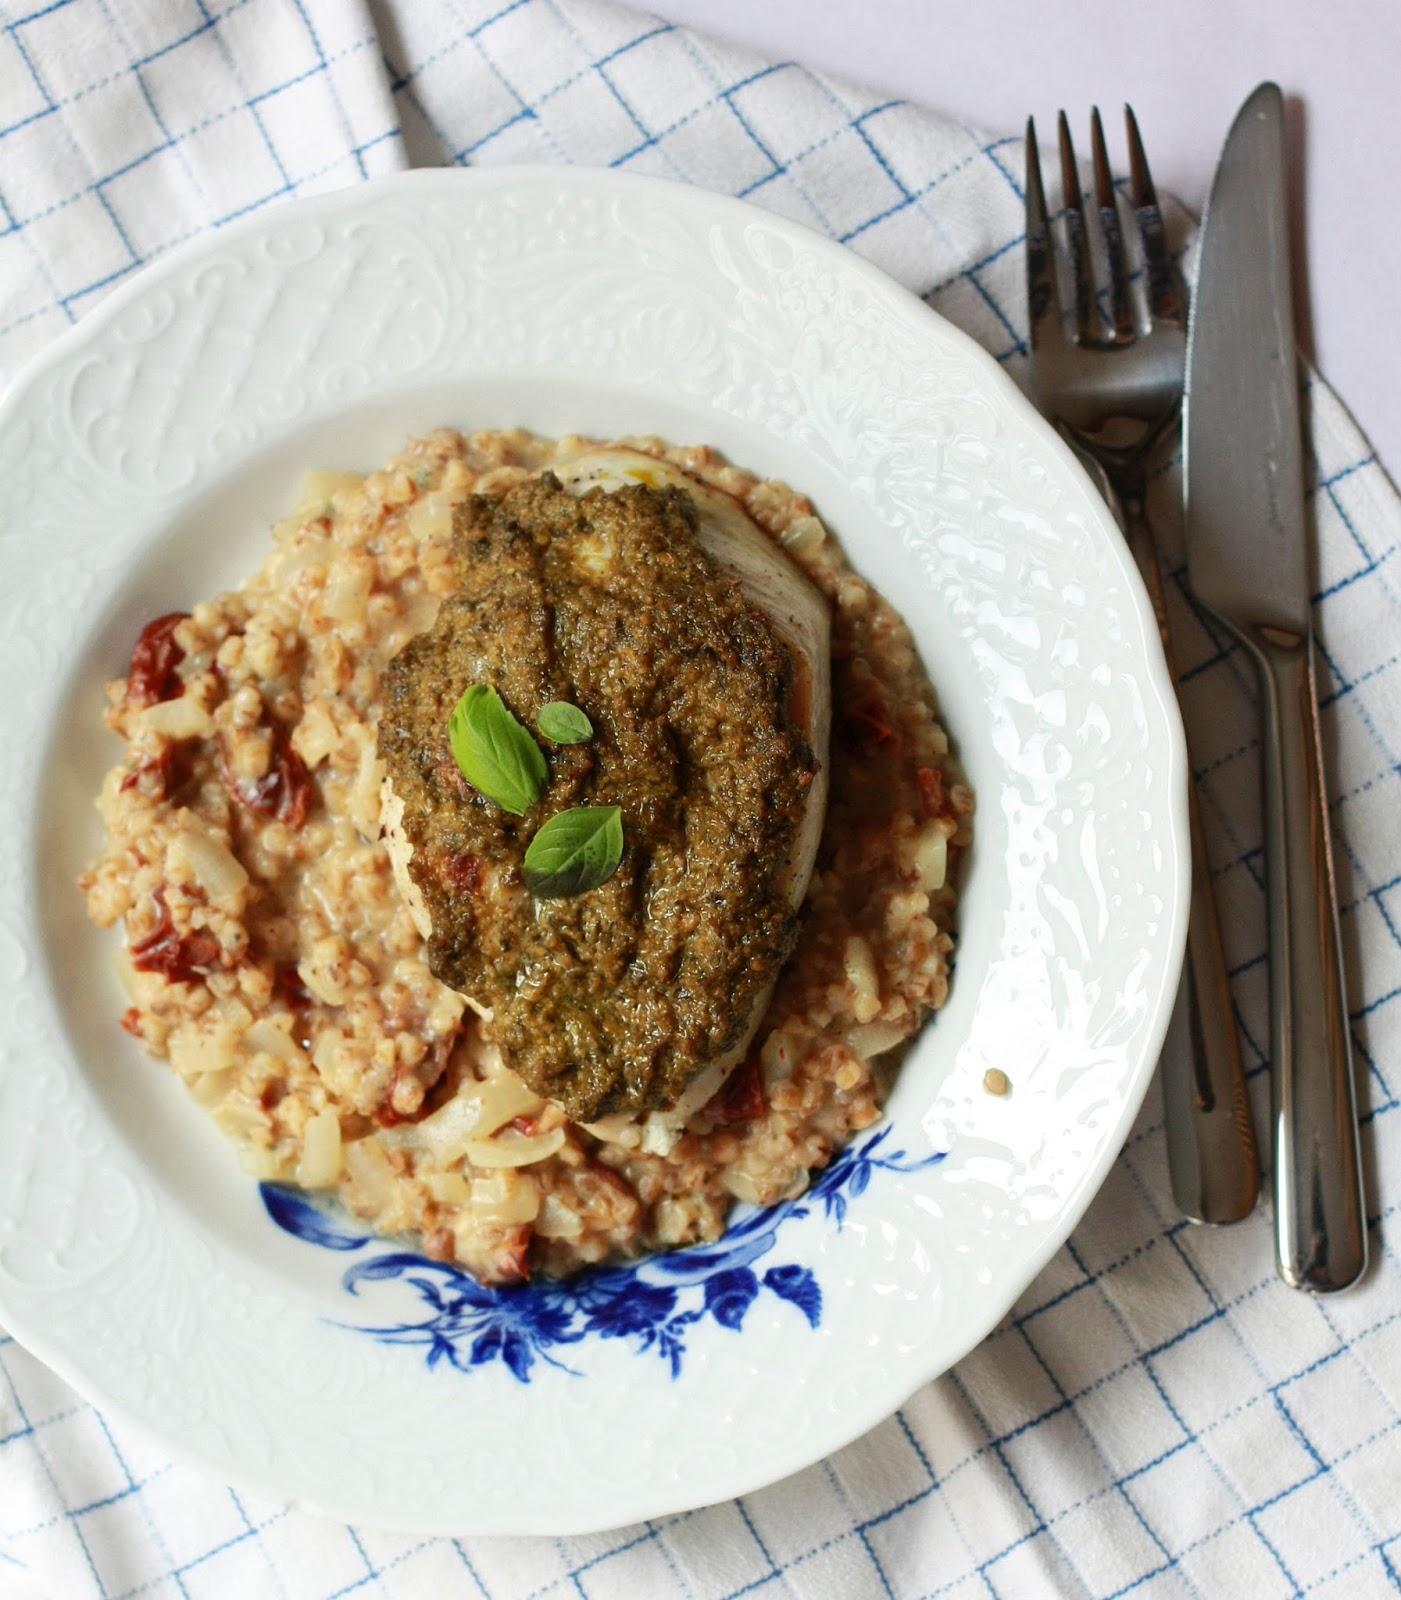 pestokana ja auraohratto resepti kana kanaruoka ohratto aurajuusto mallaspulla